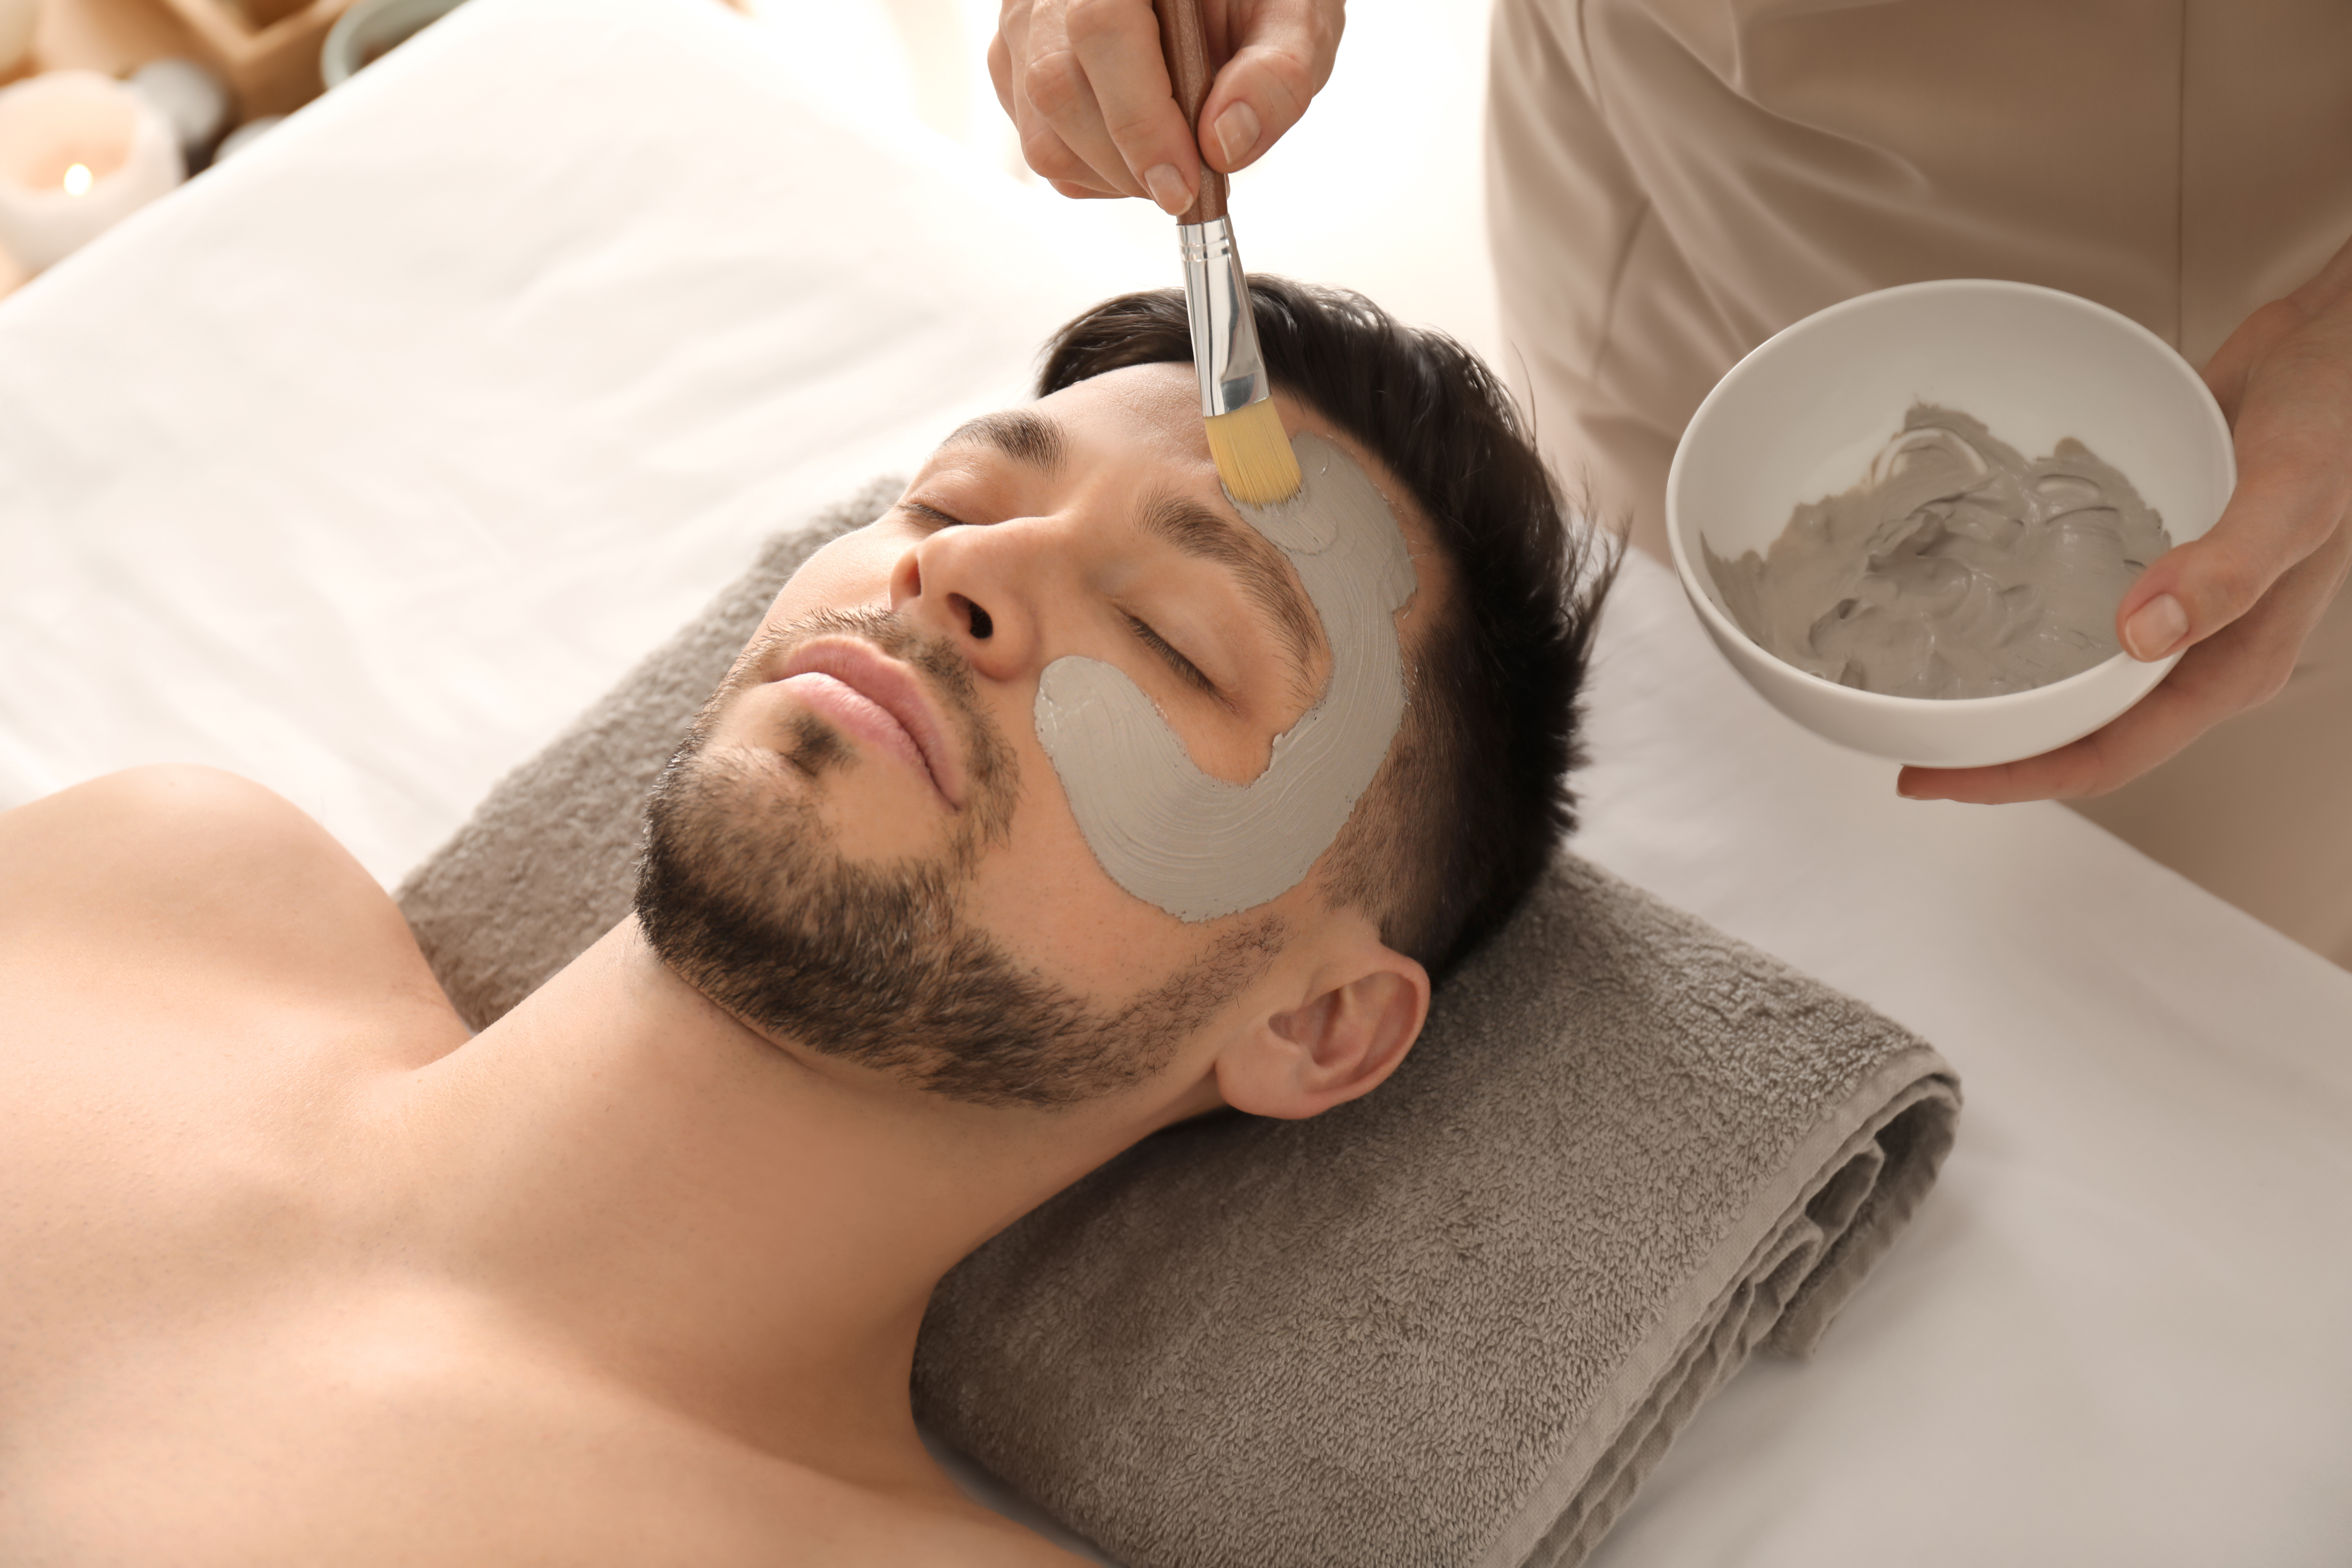 Kosmetik für Männer